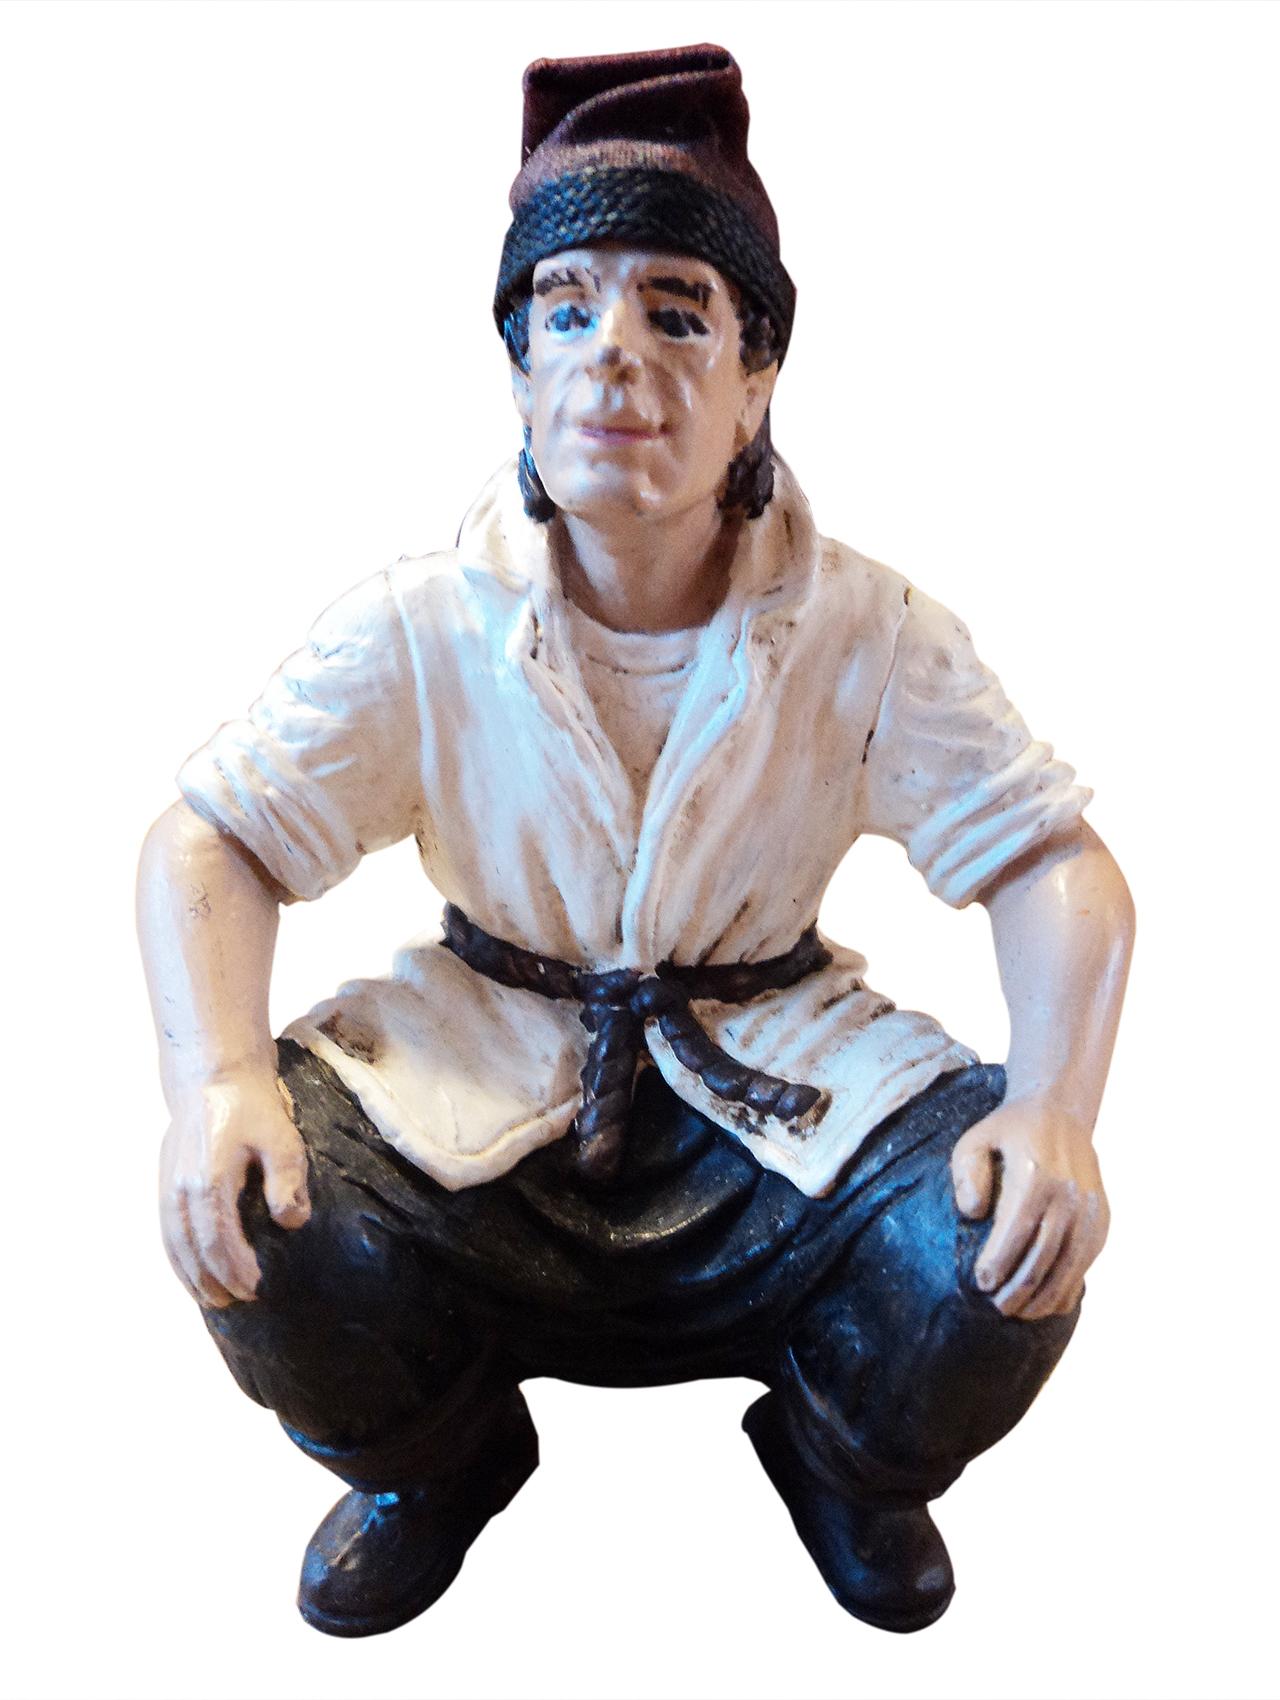 squatting Caganer statue